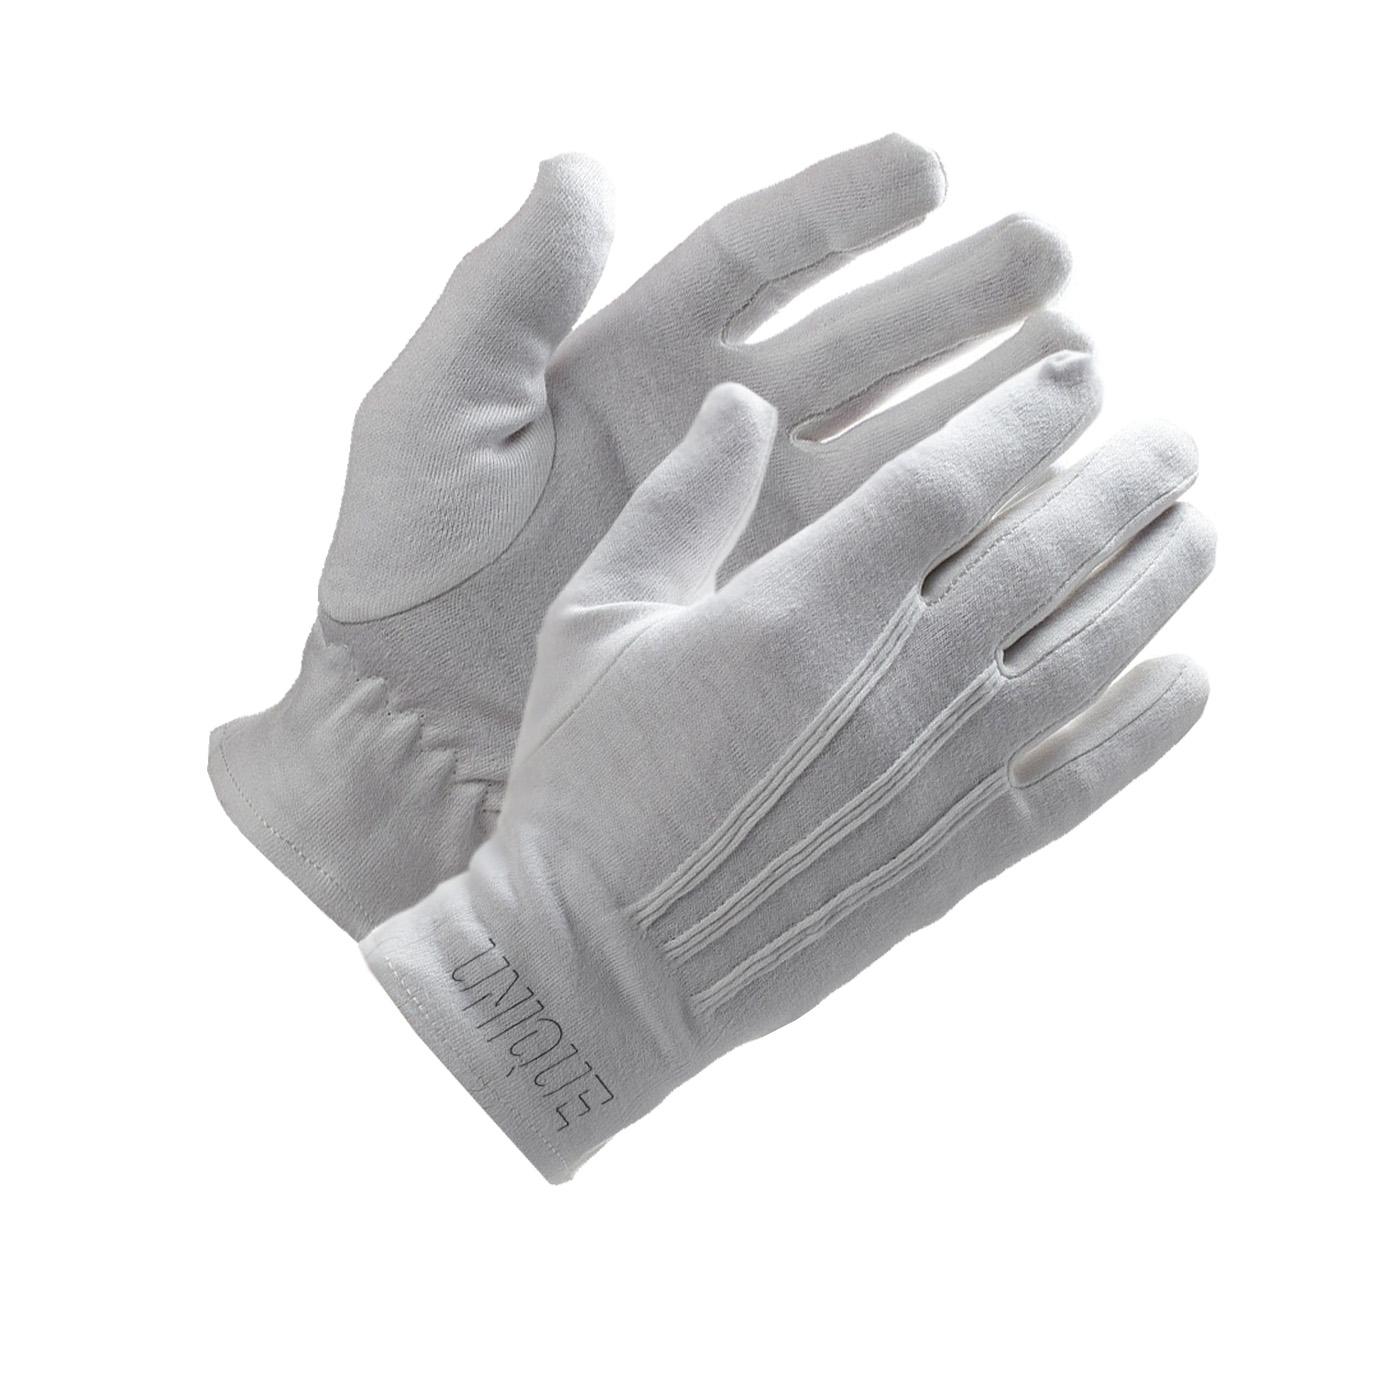 100% Cotton Bleached interlock gloves.